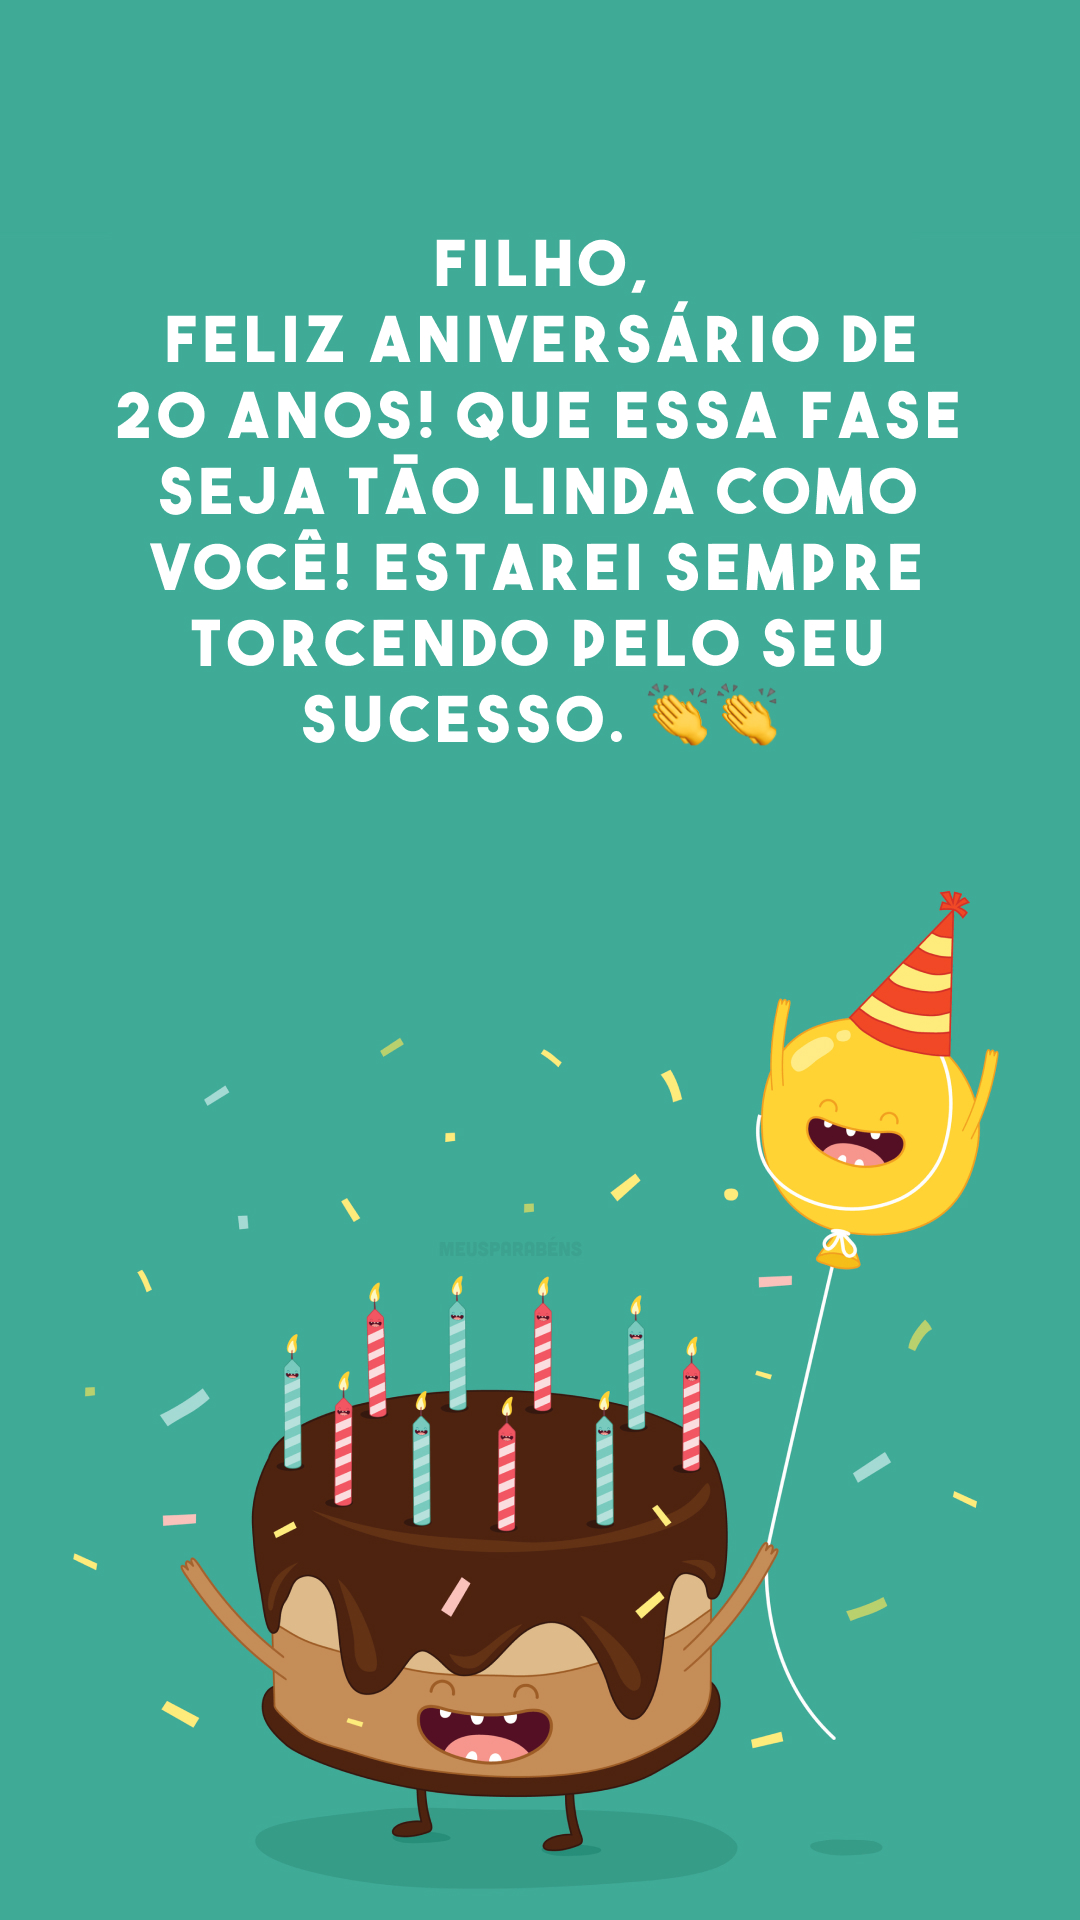 Filho, feliz aniversário de 20 anos! Que essa fase seja tão linda como você! Estarei sempre torcendo pelo seu sucesso. 👏👏